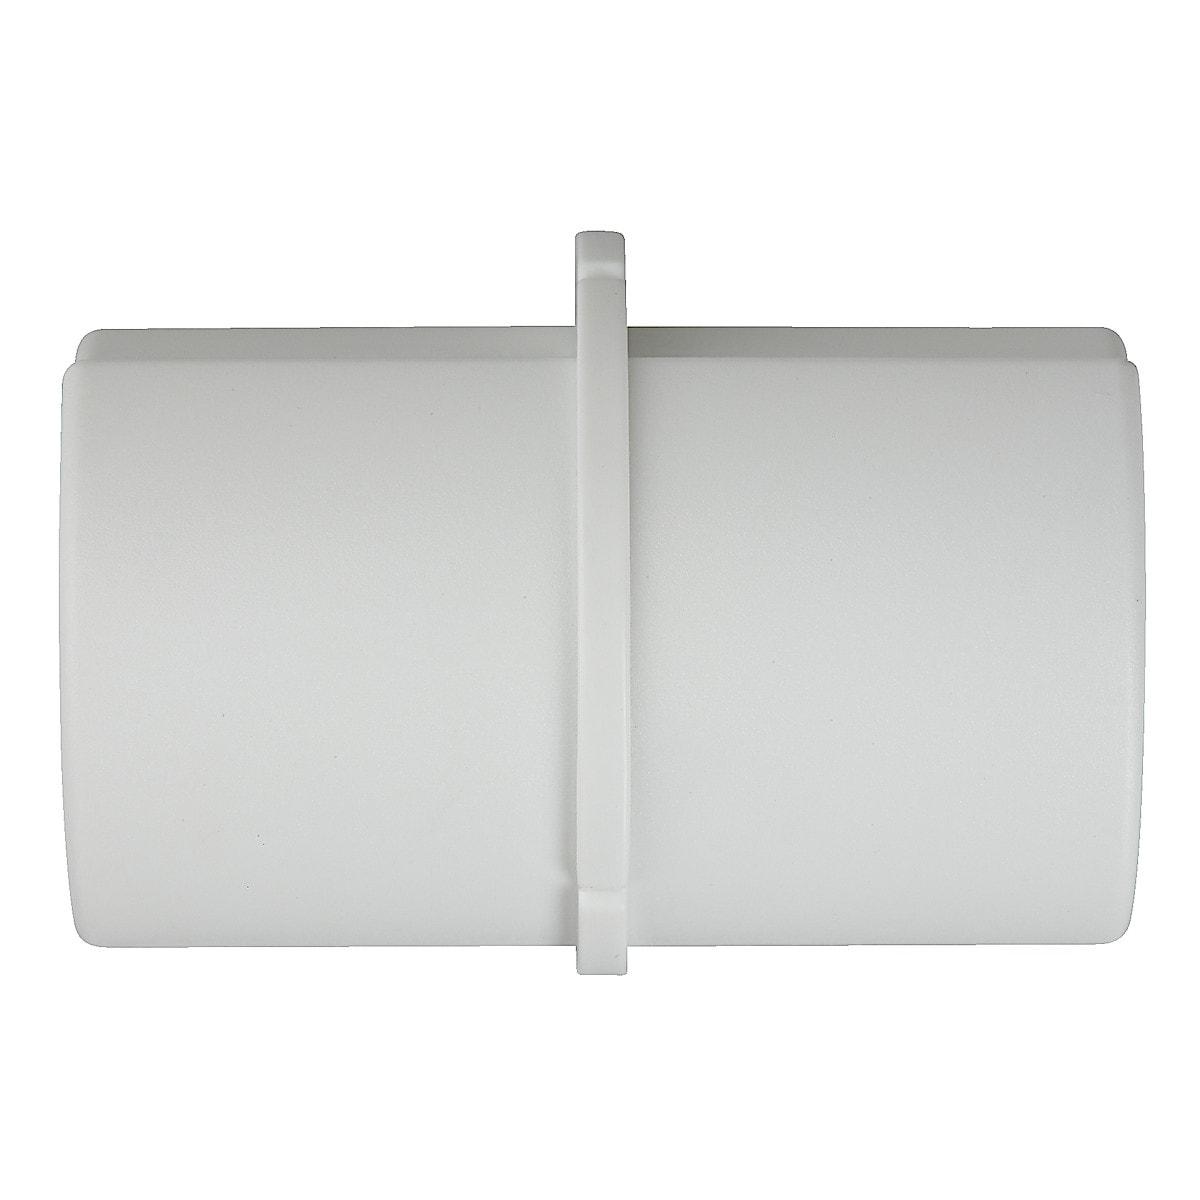 D-line Joint/Accessory Set